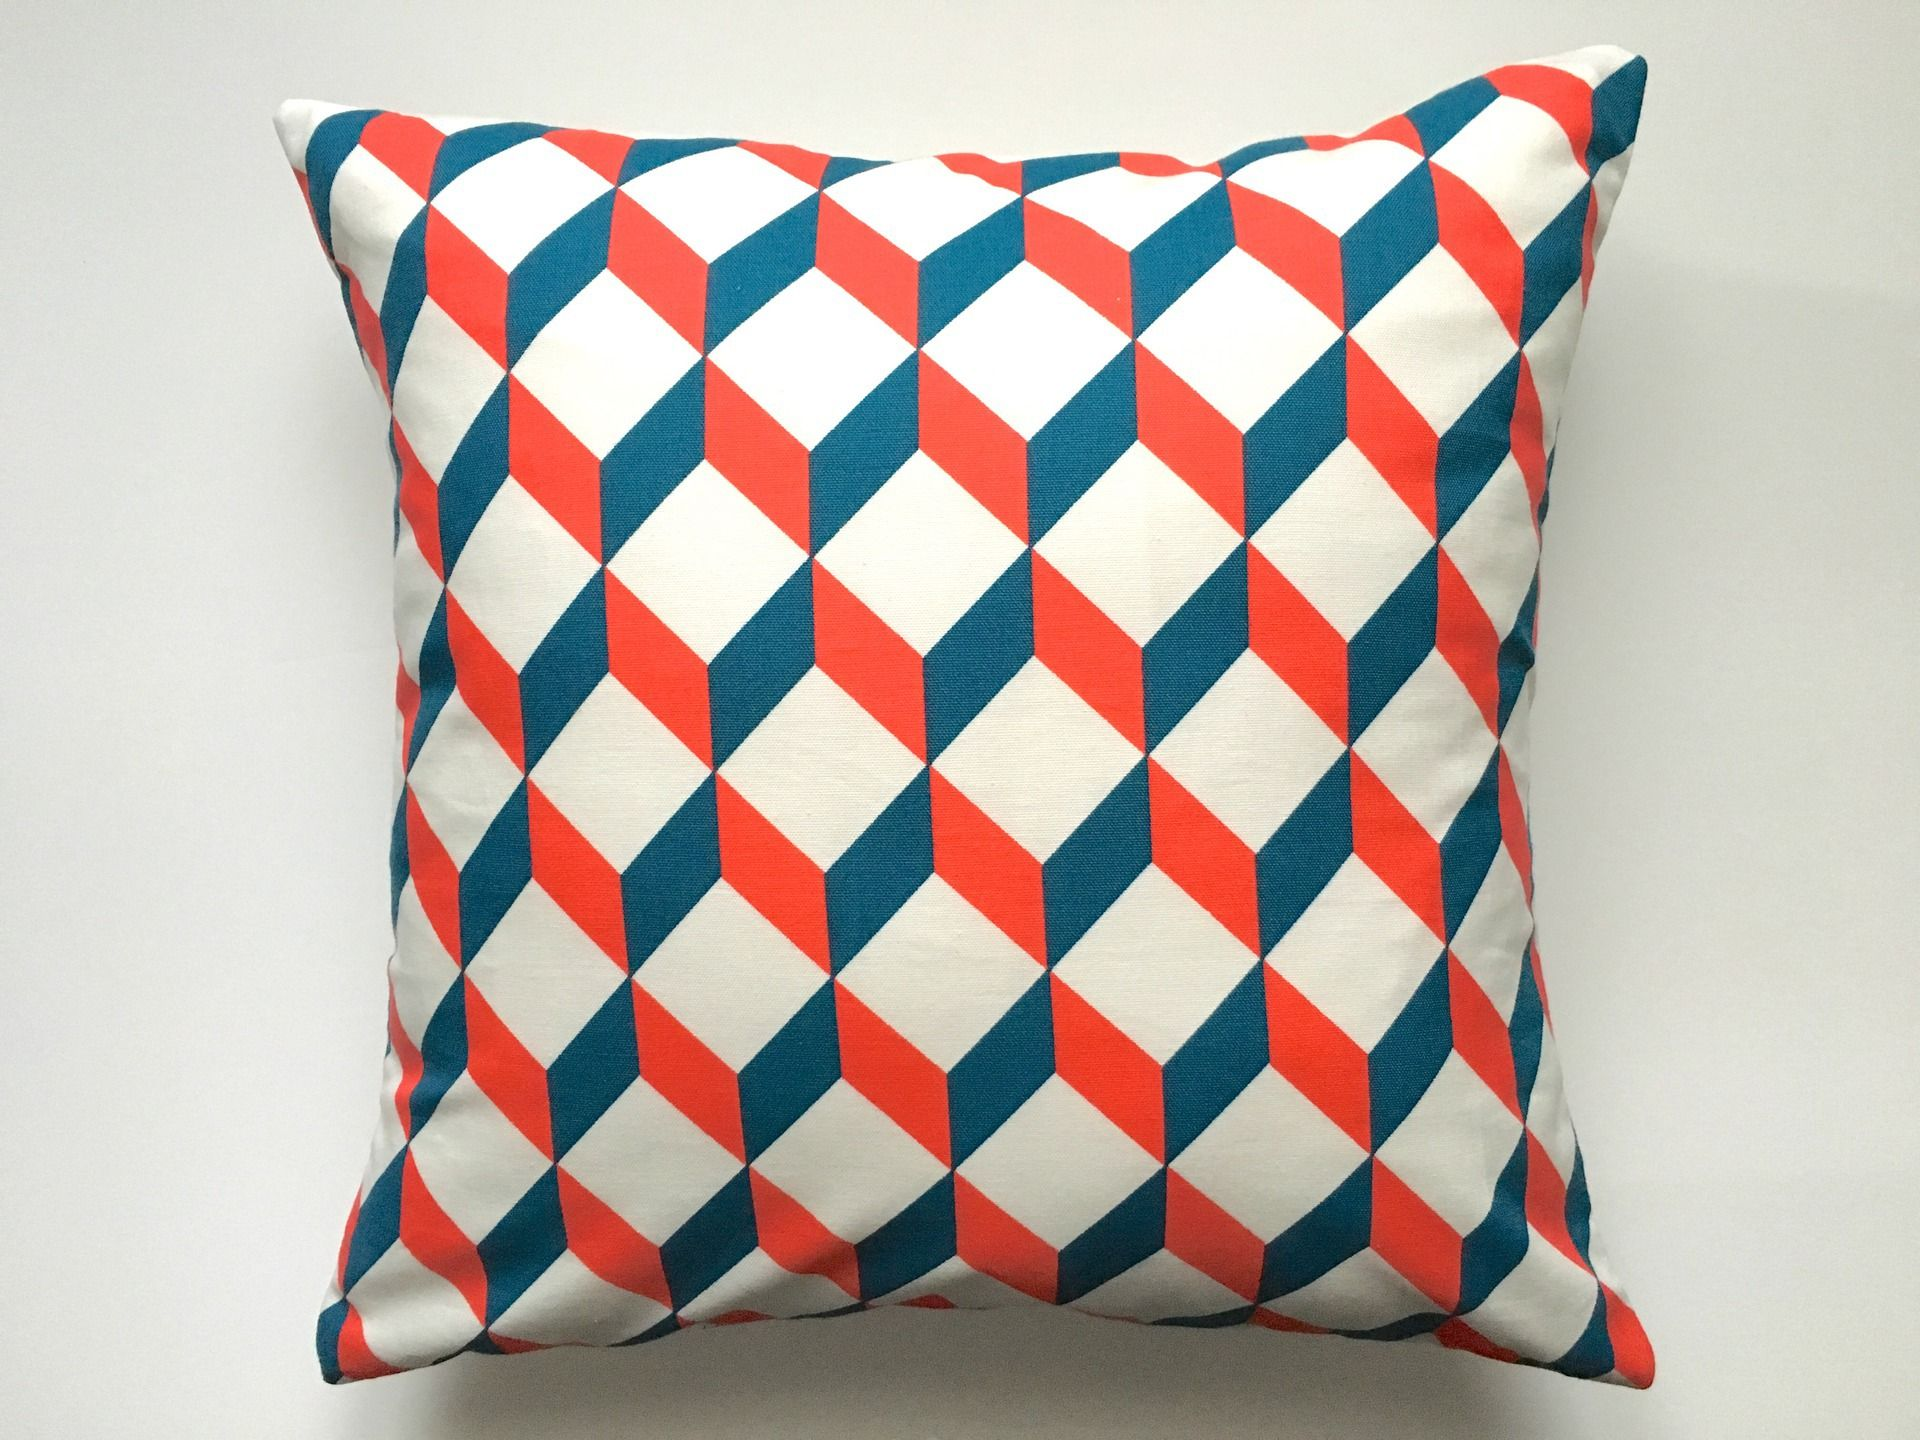 Coussin Graphique Motif Cube Bleu Blanc Rouge 40x40 Atelier Du